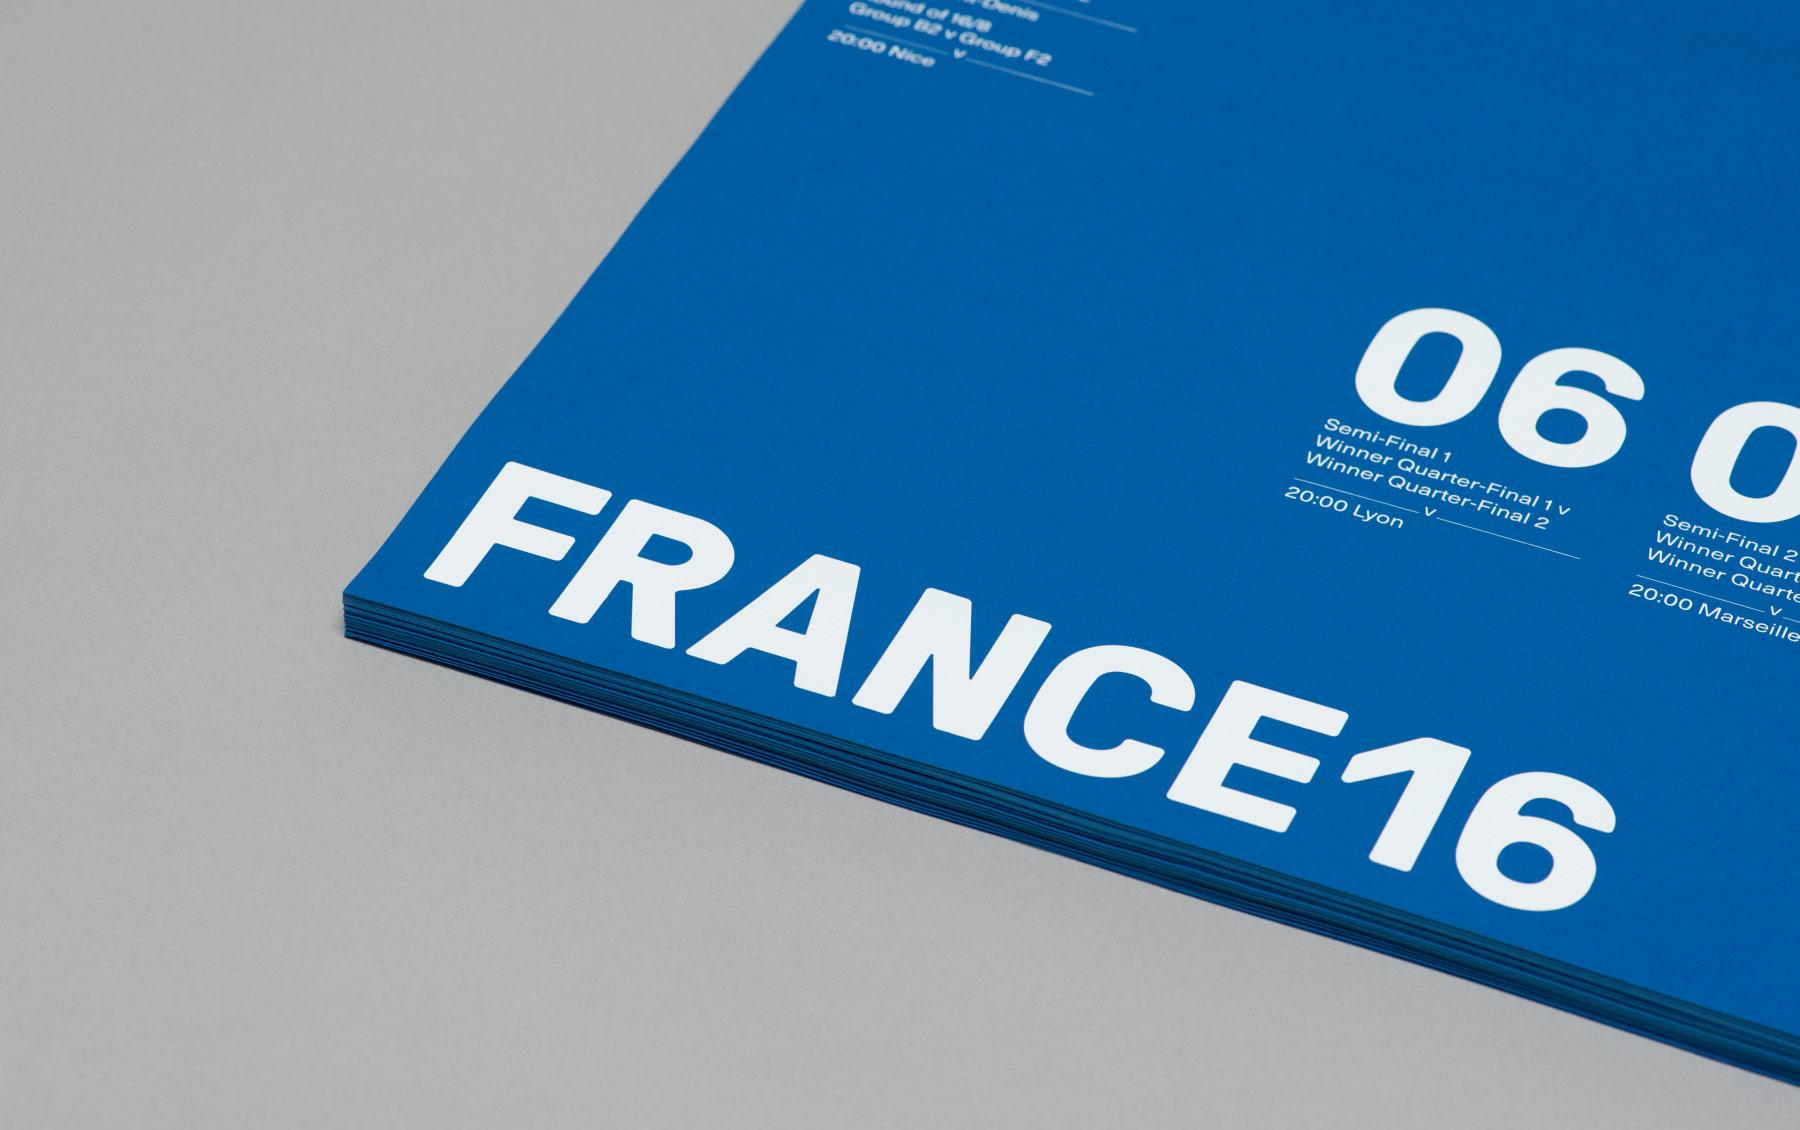 France16 – Designed by Karoshi